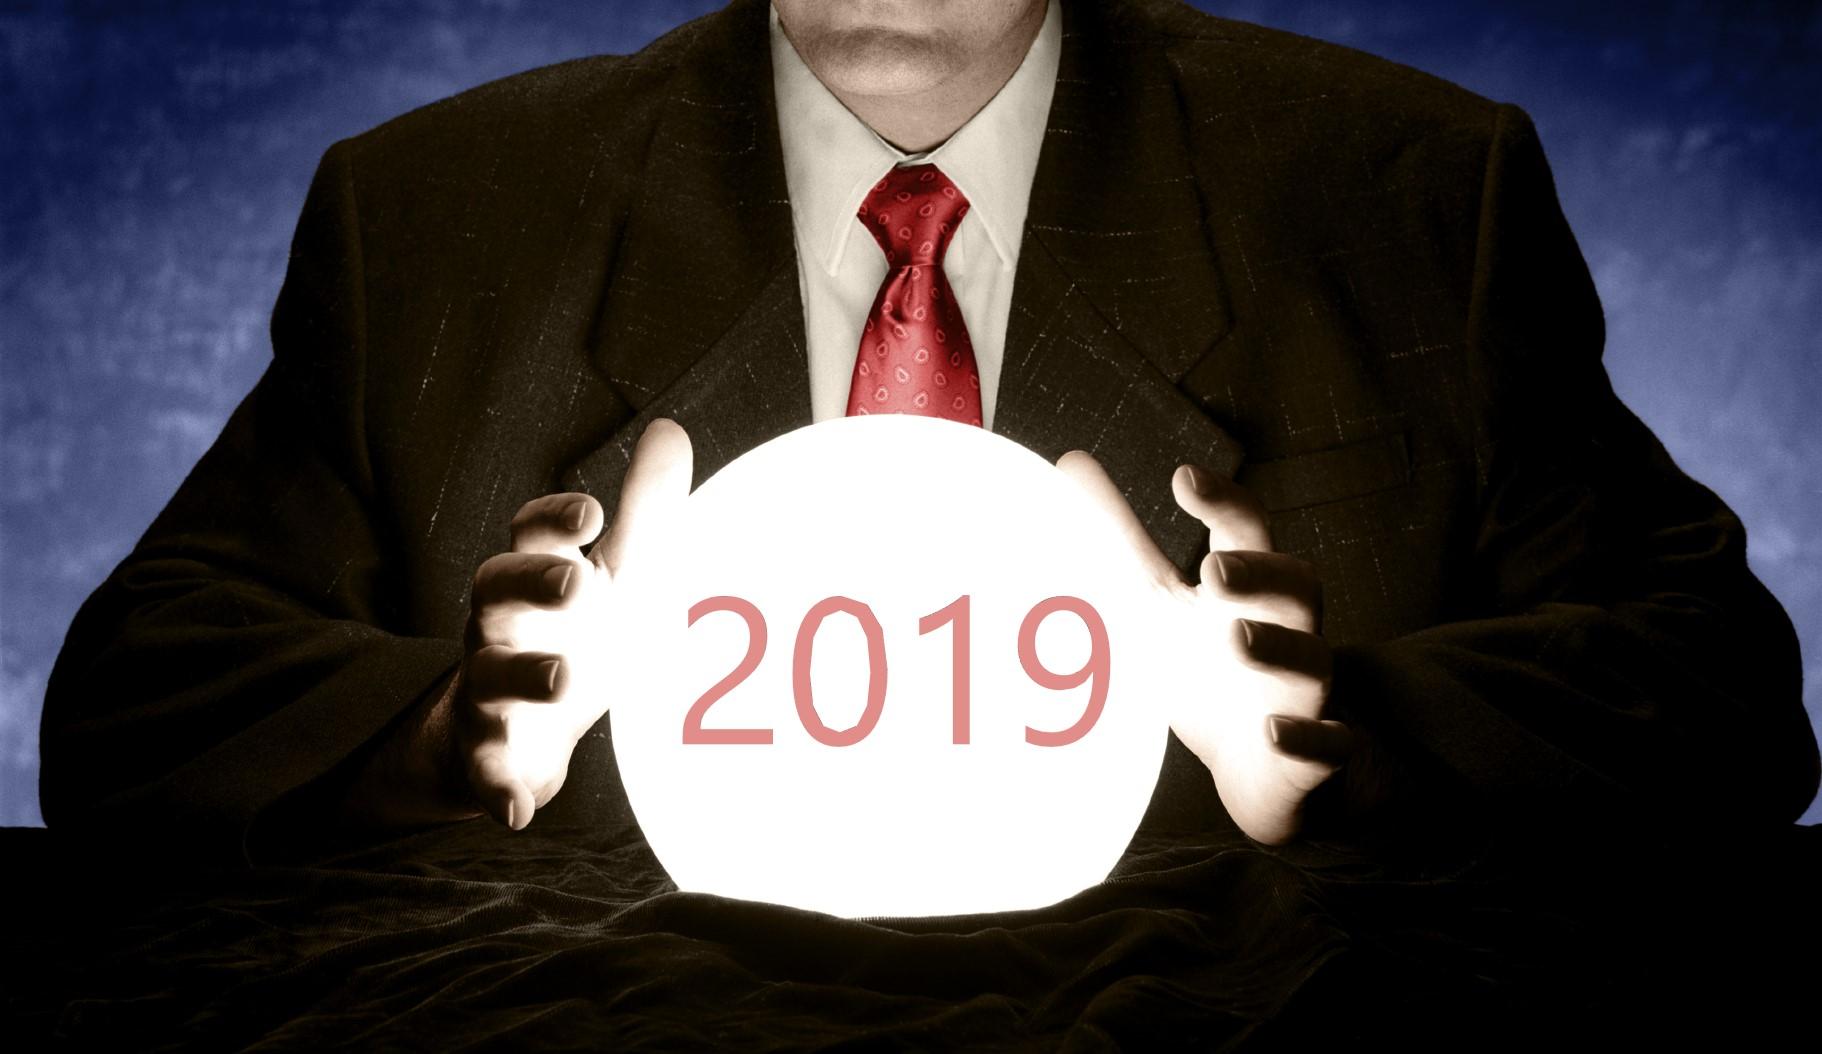 2019 crystal ball